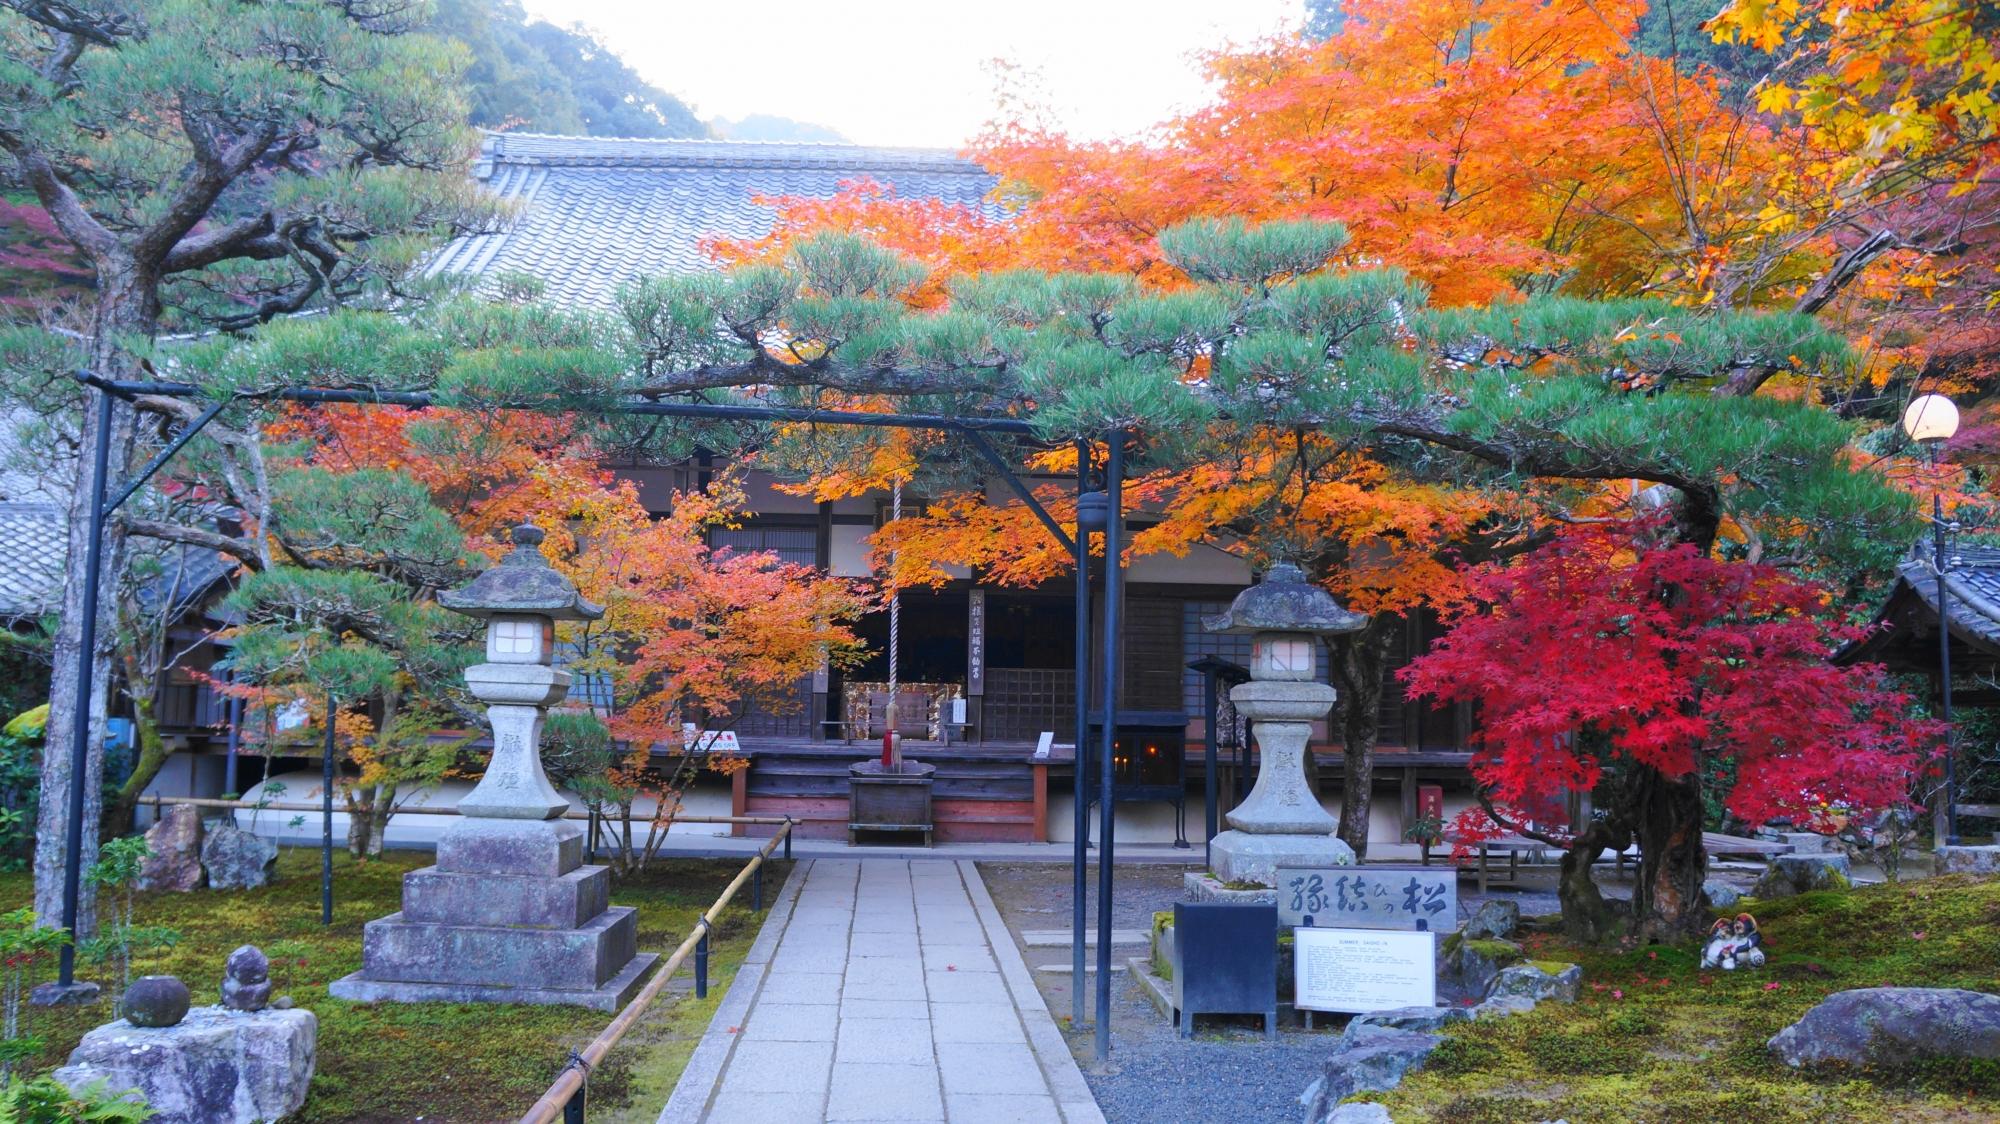 最勝院に広がる雨上がりのしっとりとした見事な秋色の光景